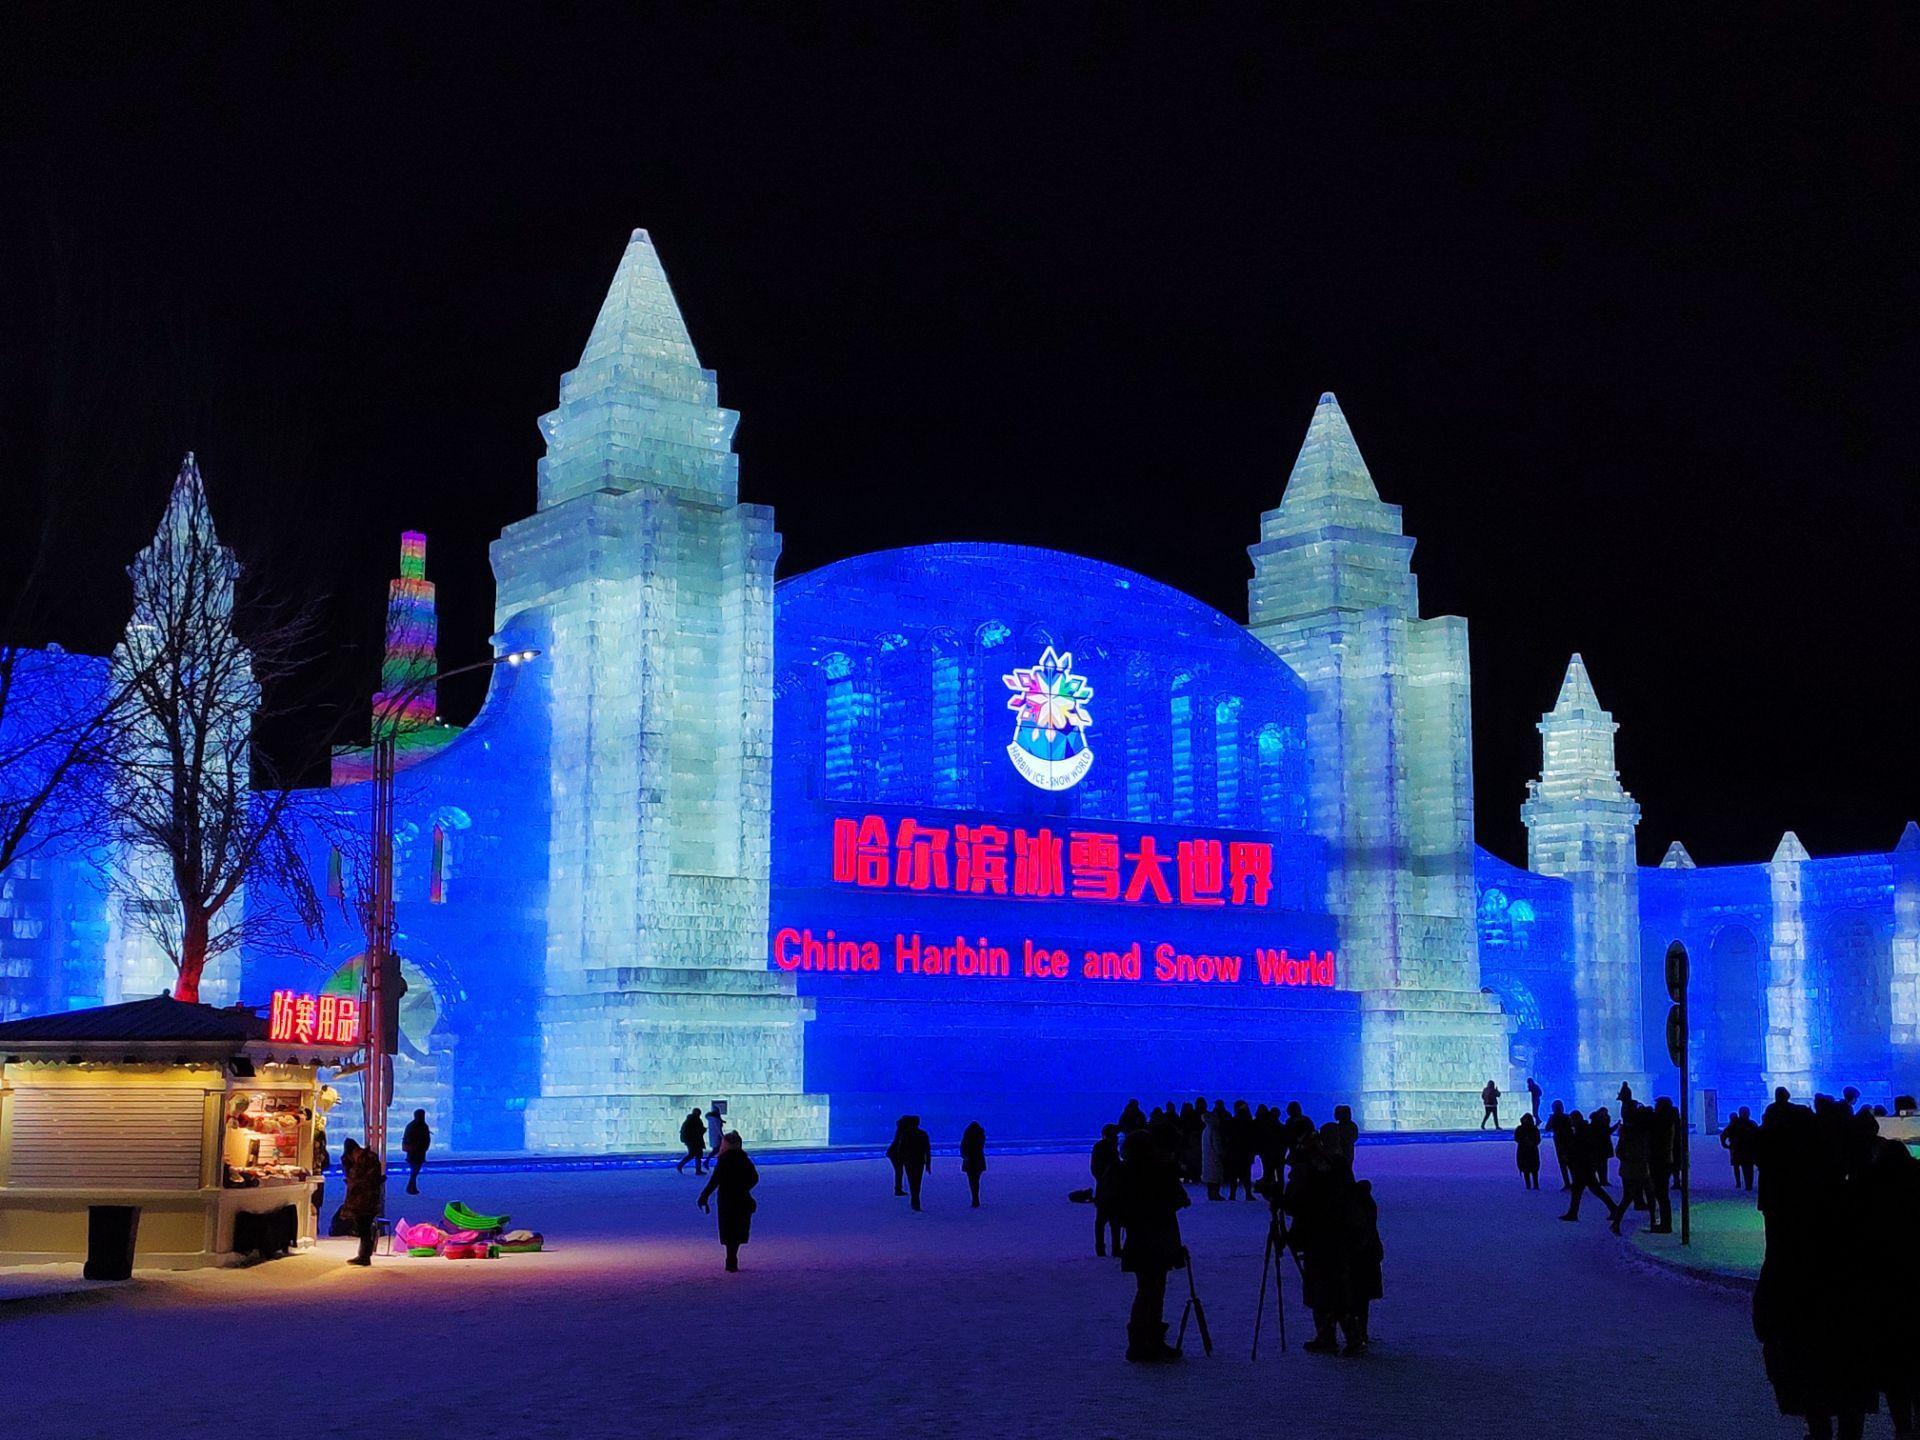 去哈尔滨冰雪大世界_2019哈尔滨冰雪大世界室内冰雪主题乐园-旅游攻略-门票-地址-问答 ...